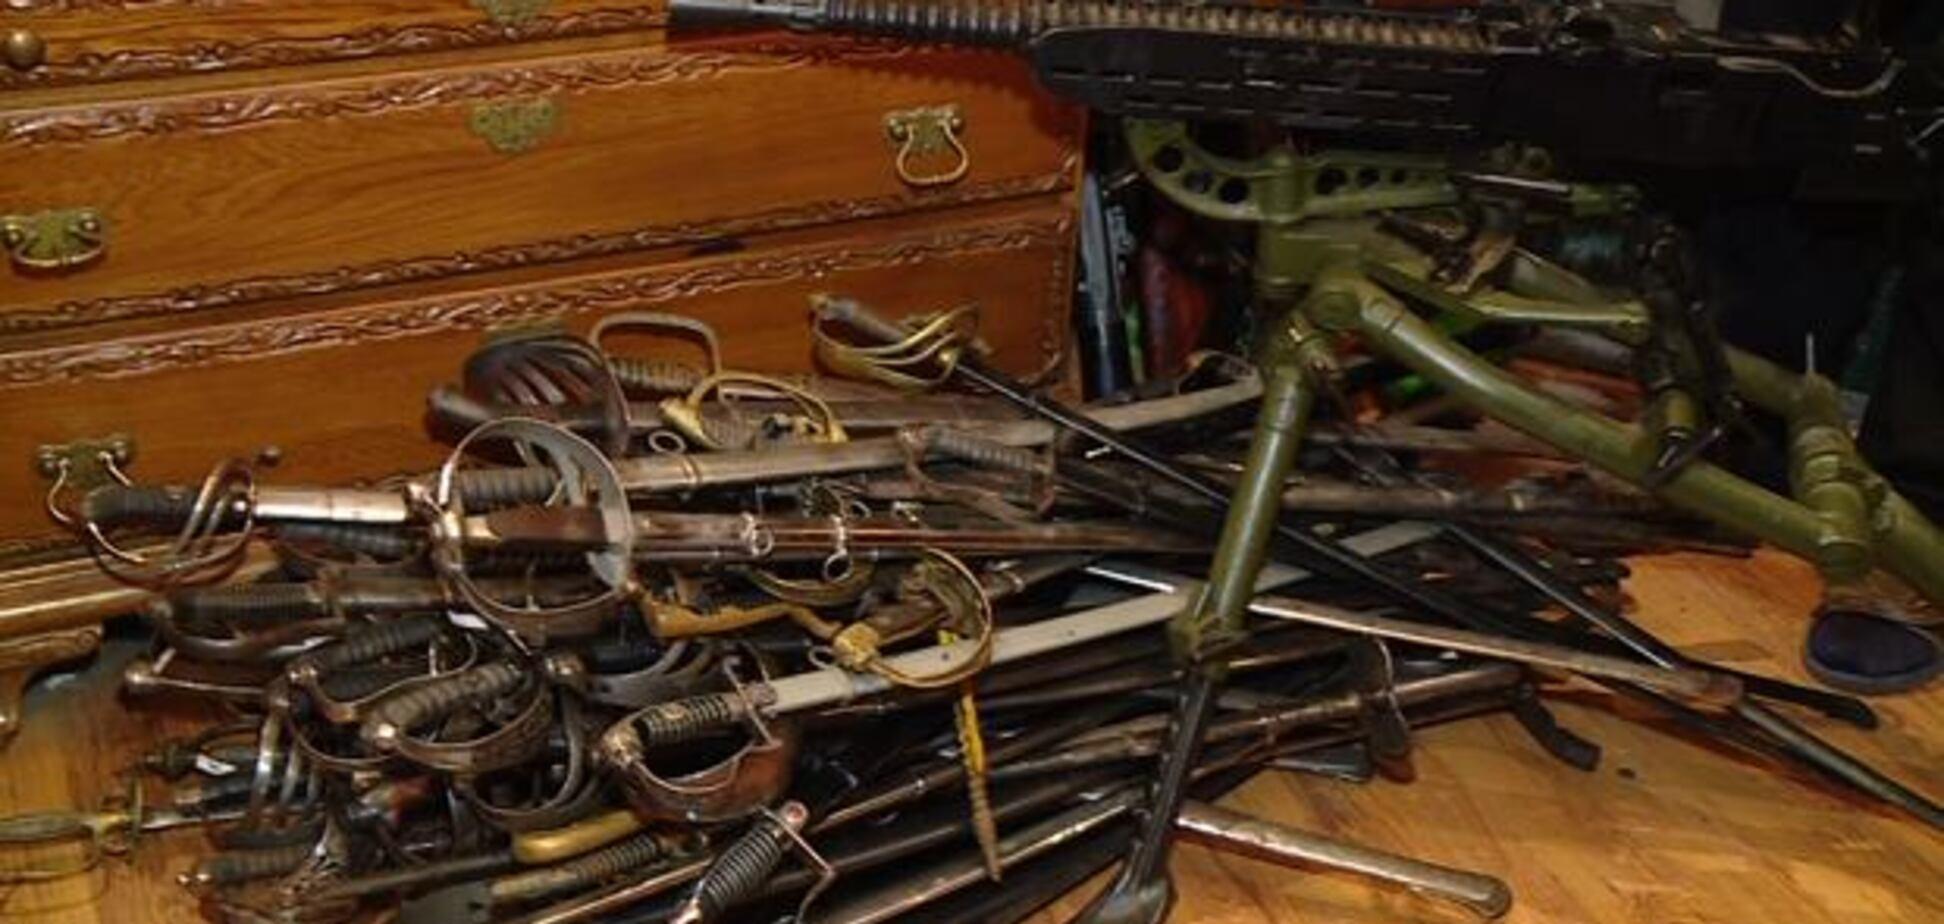 Оружия на 30 млн: в Запорожье разоблачили сообщника Януковича и 'семьи'